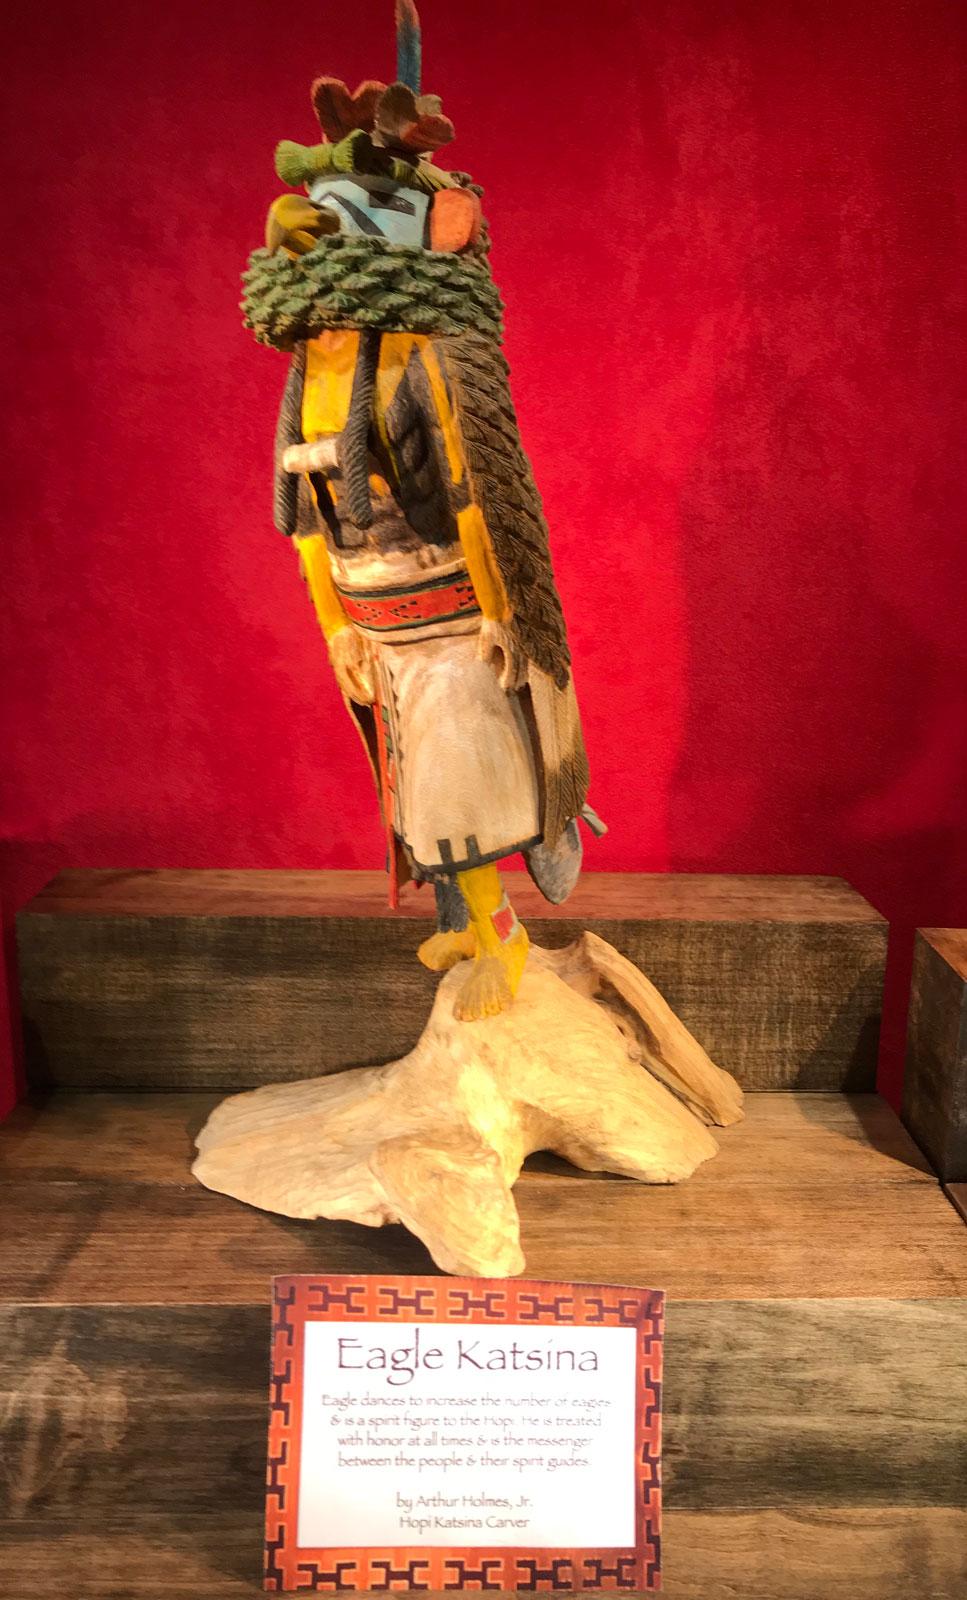 Katsina Eagle